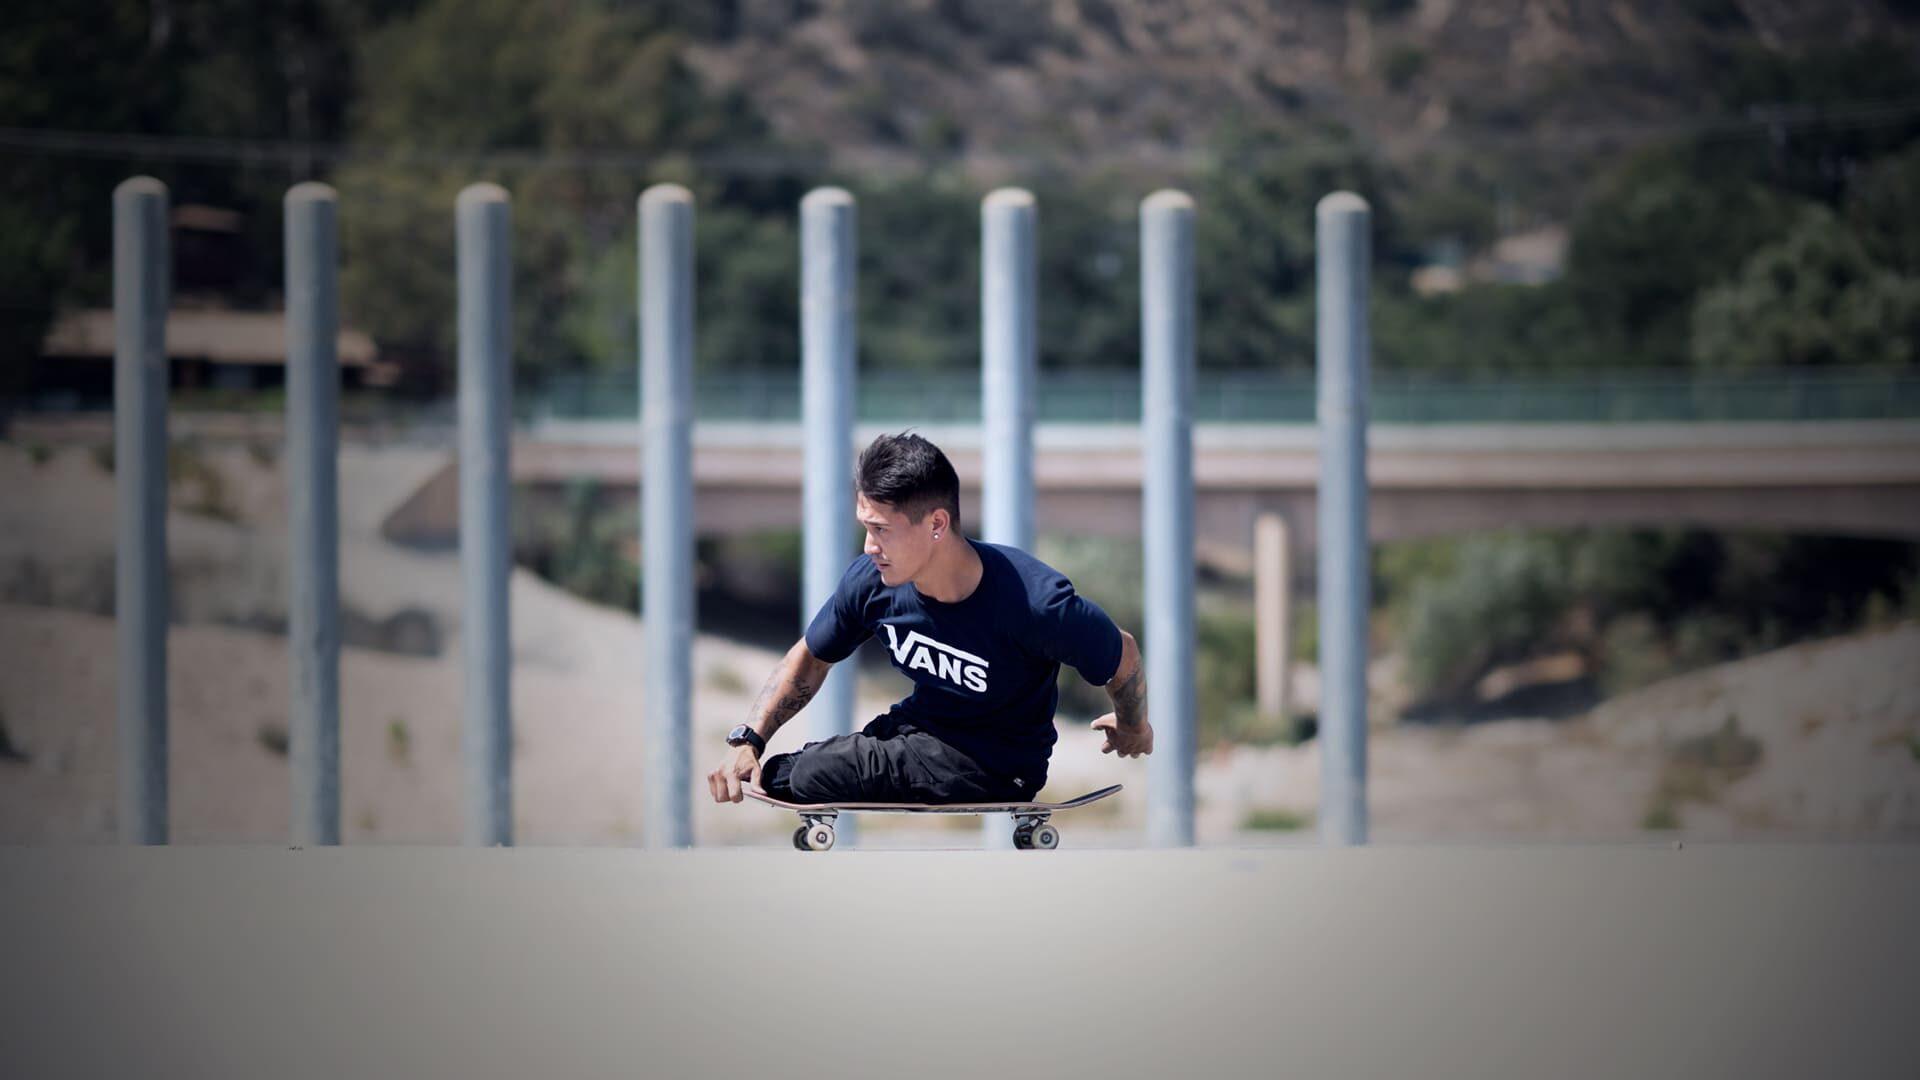 Fotografia do skatista brasileiro bi-amputado, Felipe Nunes. Descrição na legenda.